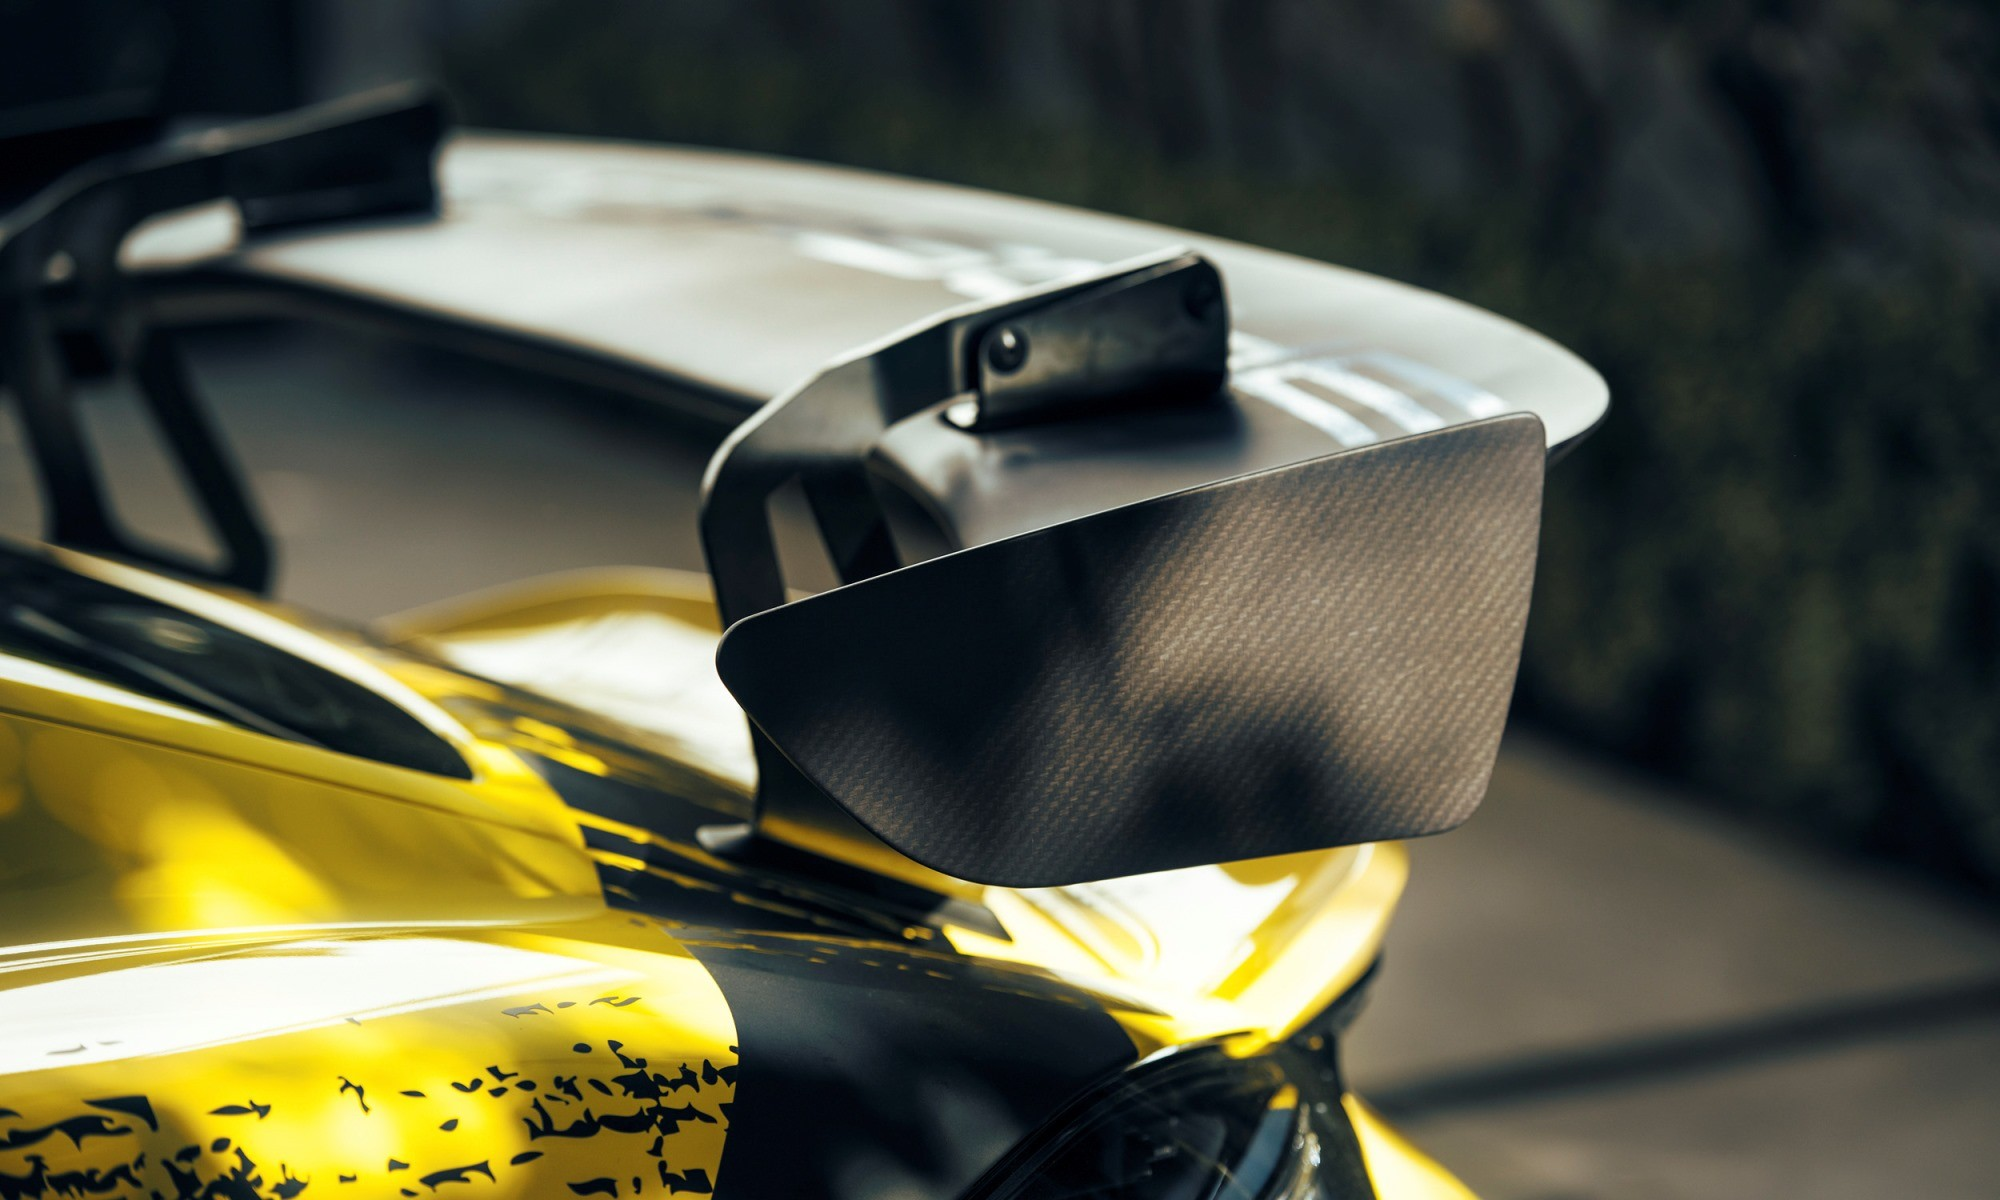 Porsche 718 Cayman GT4 Clubsport rear wing